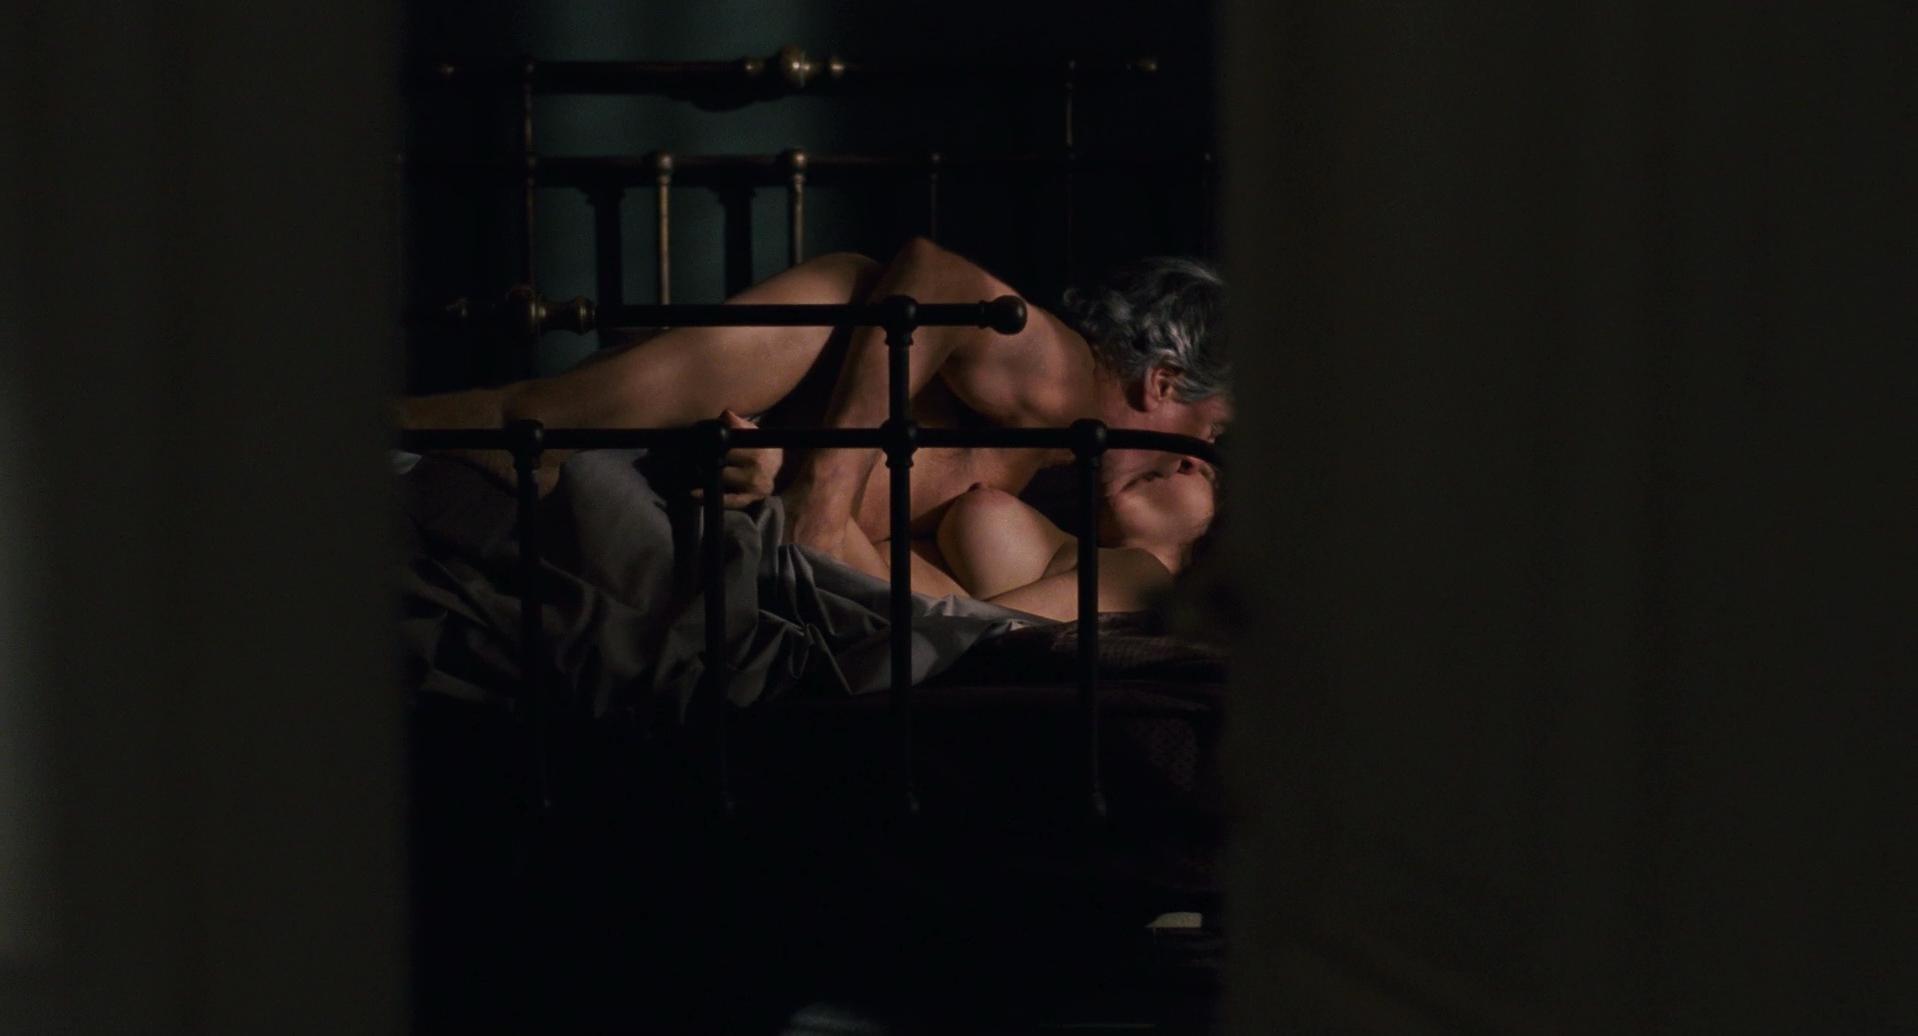 porn sex of jenifer lopez